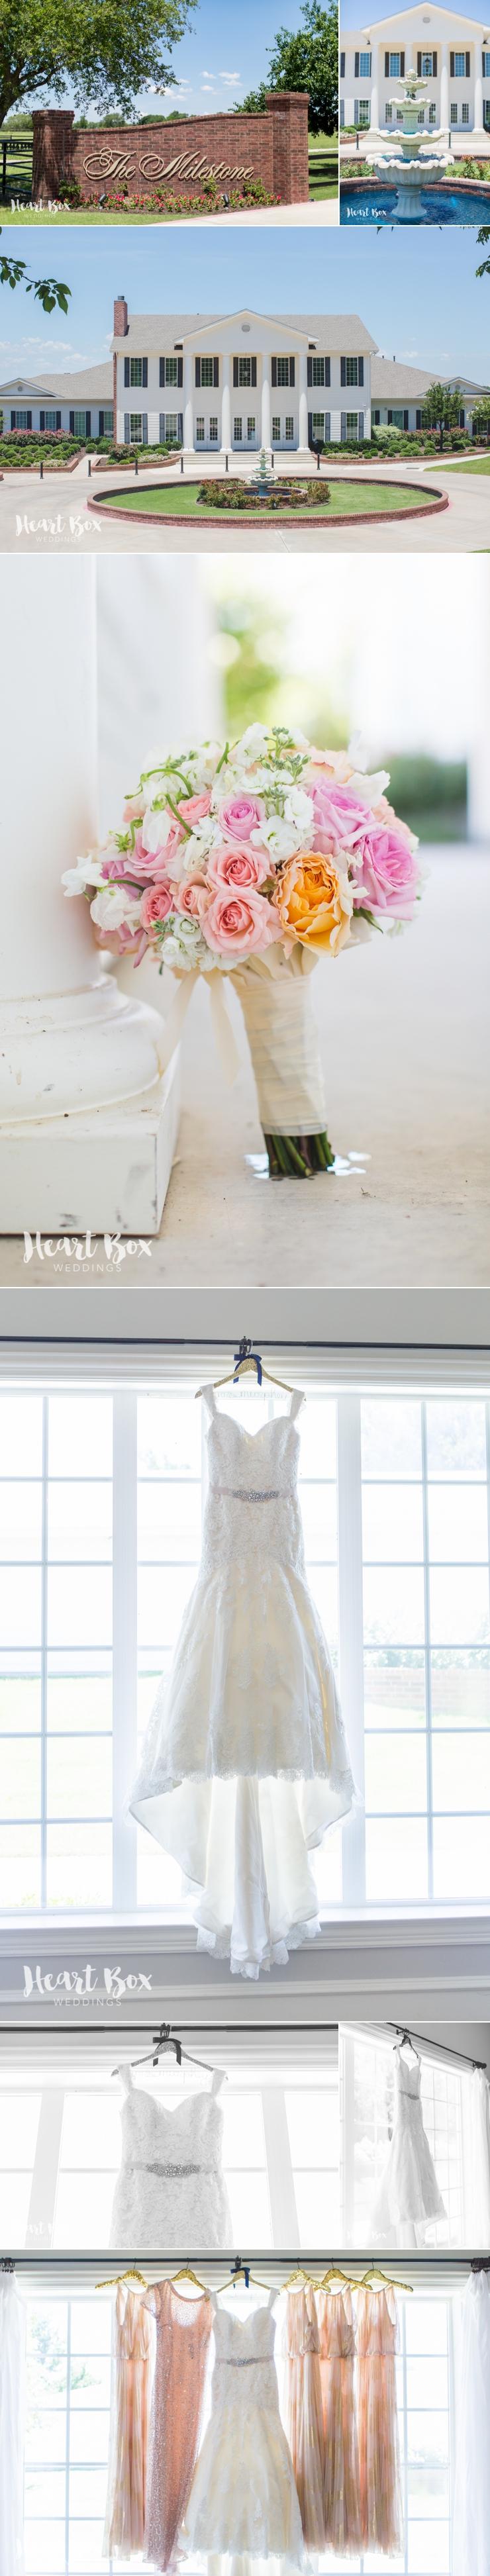 Muprhey Wedding Blog Collages 1.jpg